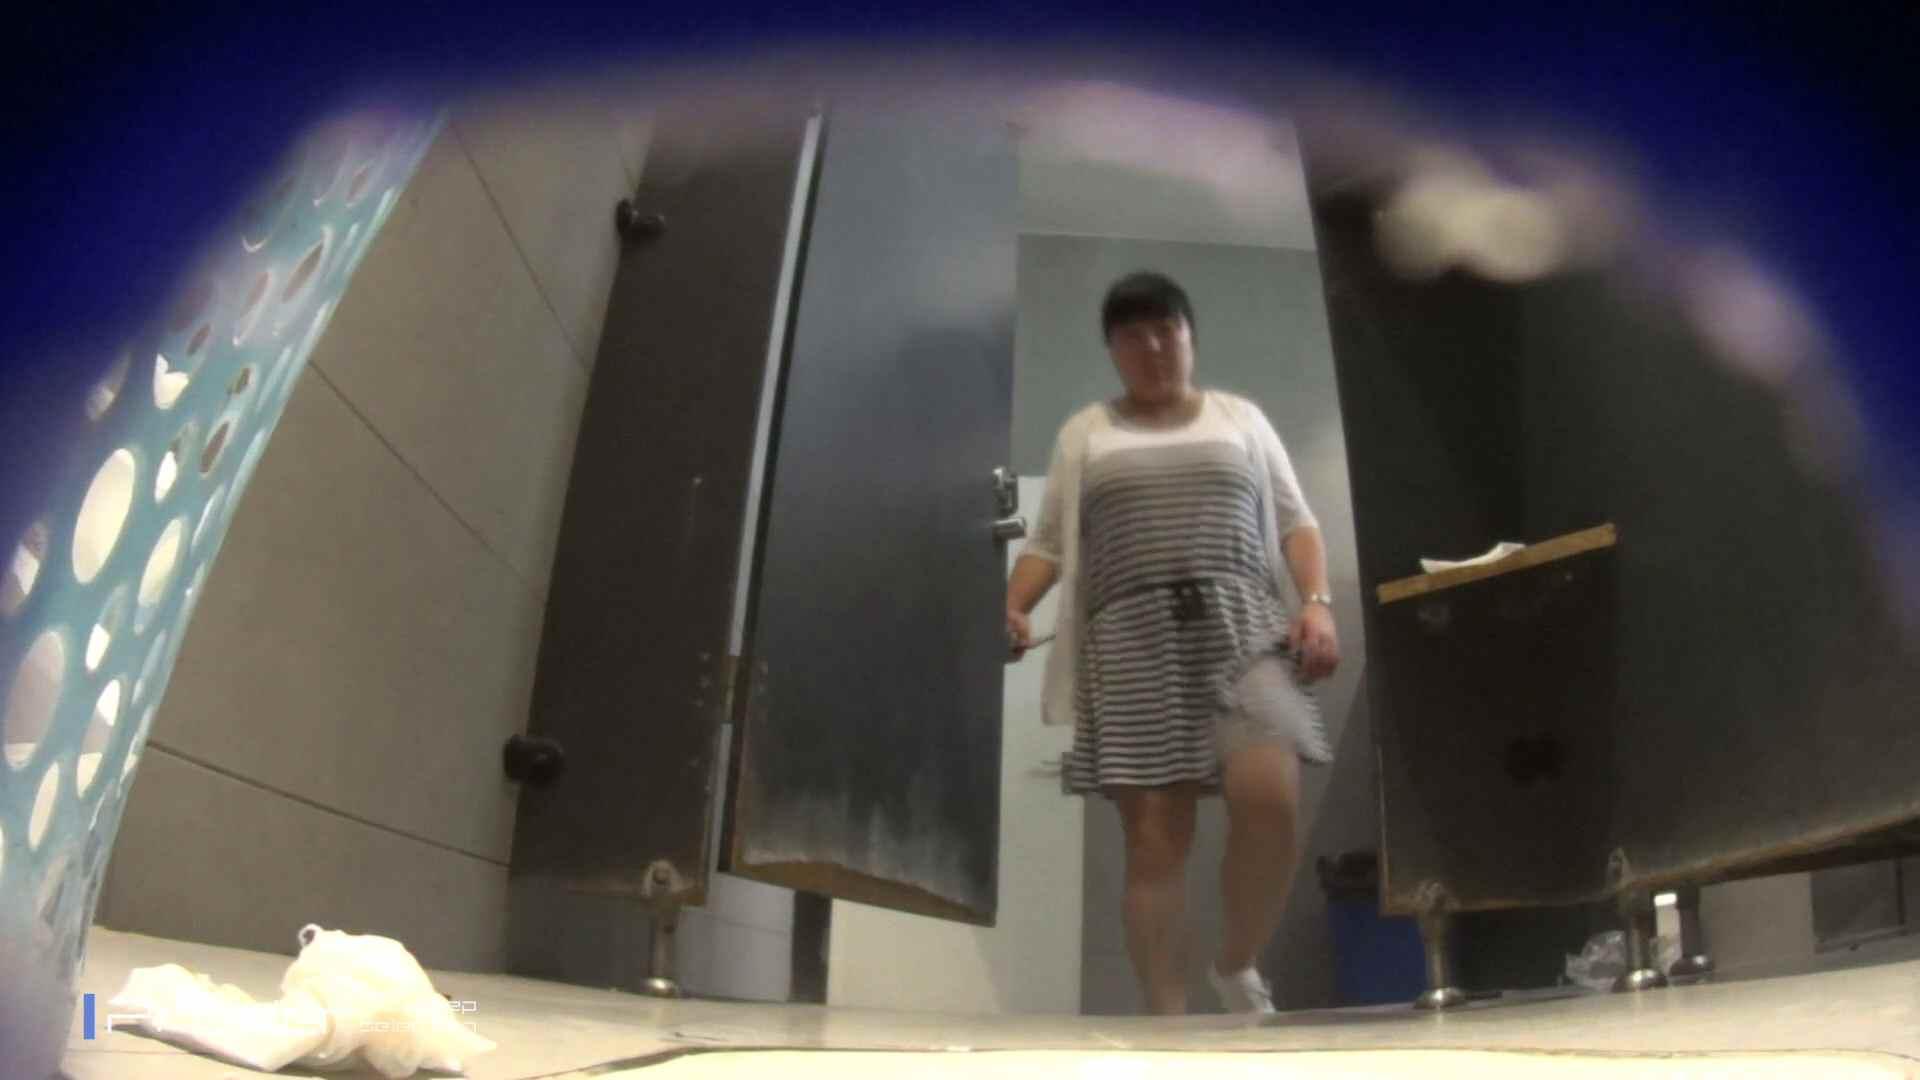 ポッチャリ好きは必見!大学休憩時間の洗面所事情66 エッチすぎる美女 盗撮動画紹介 88連発 3